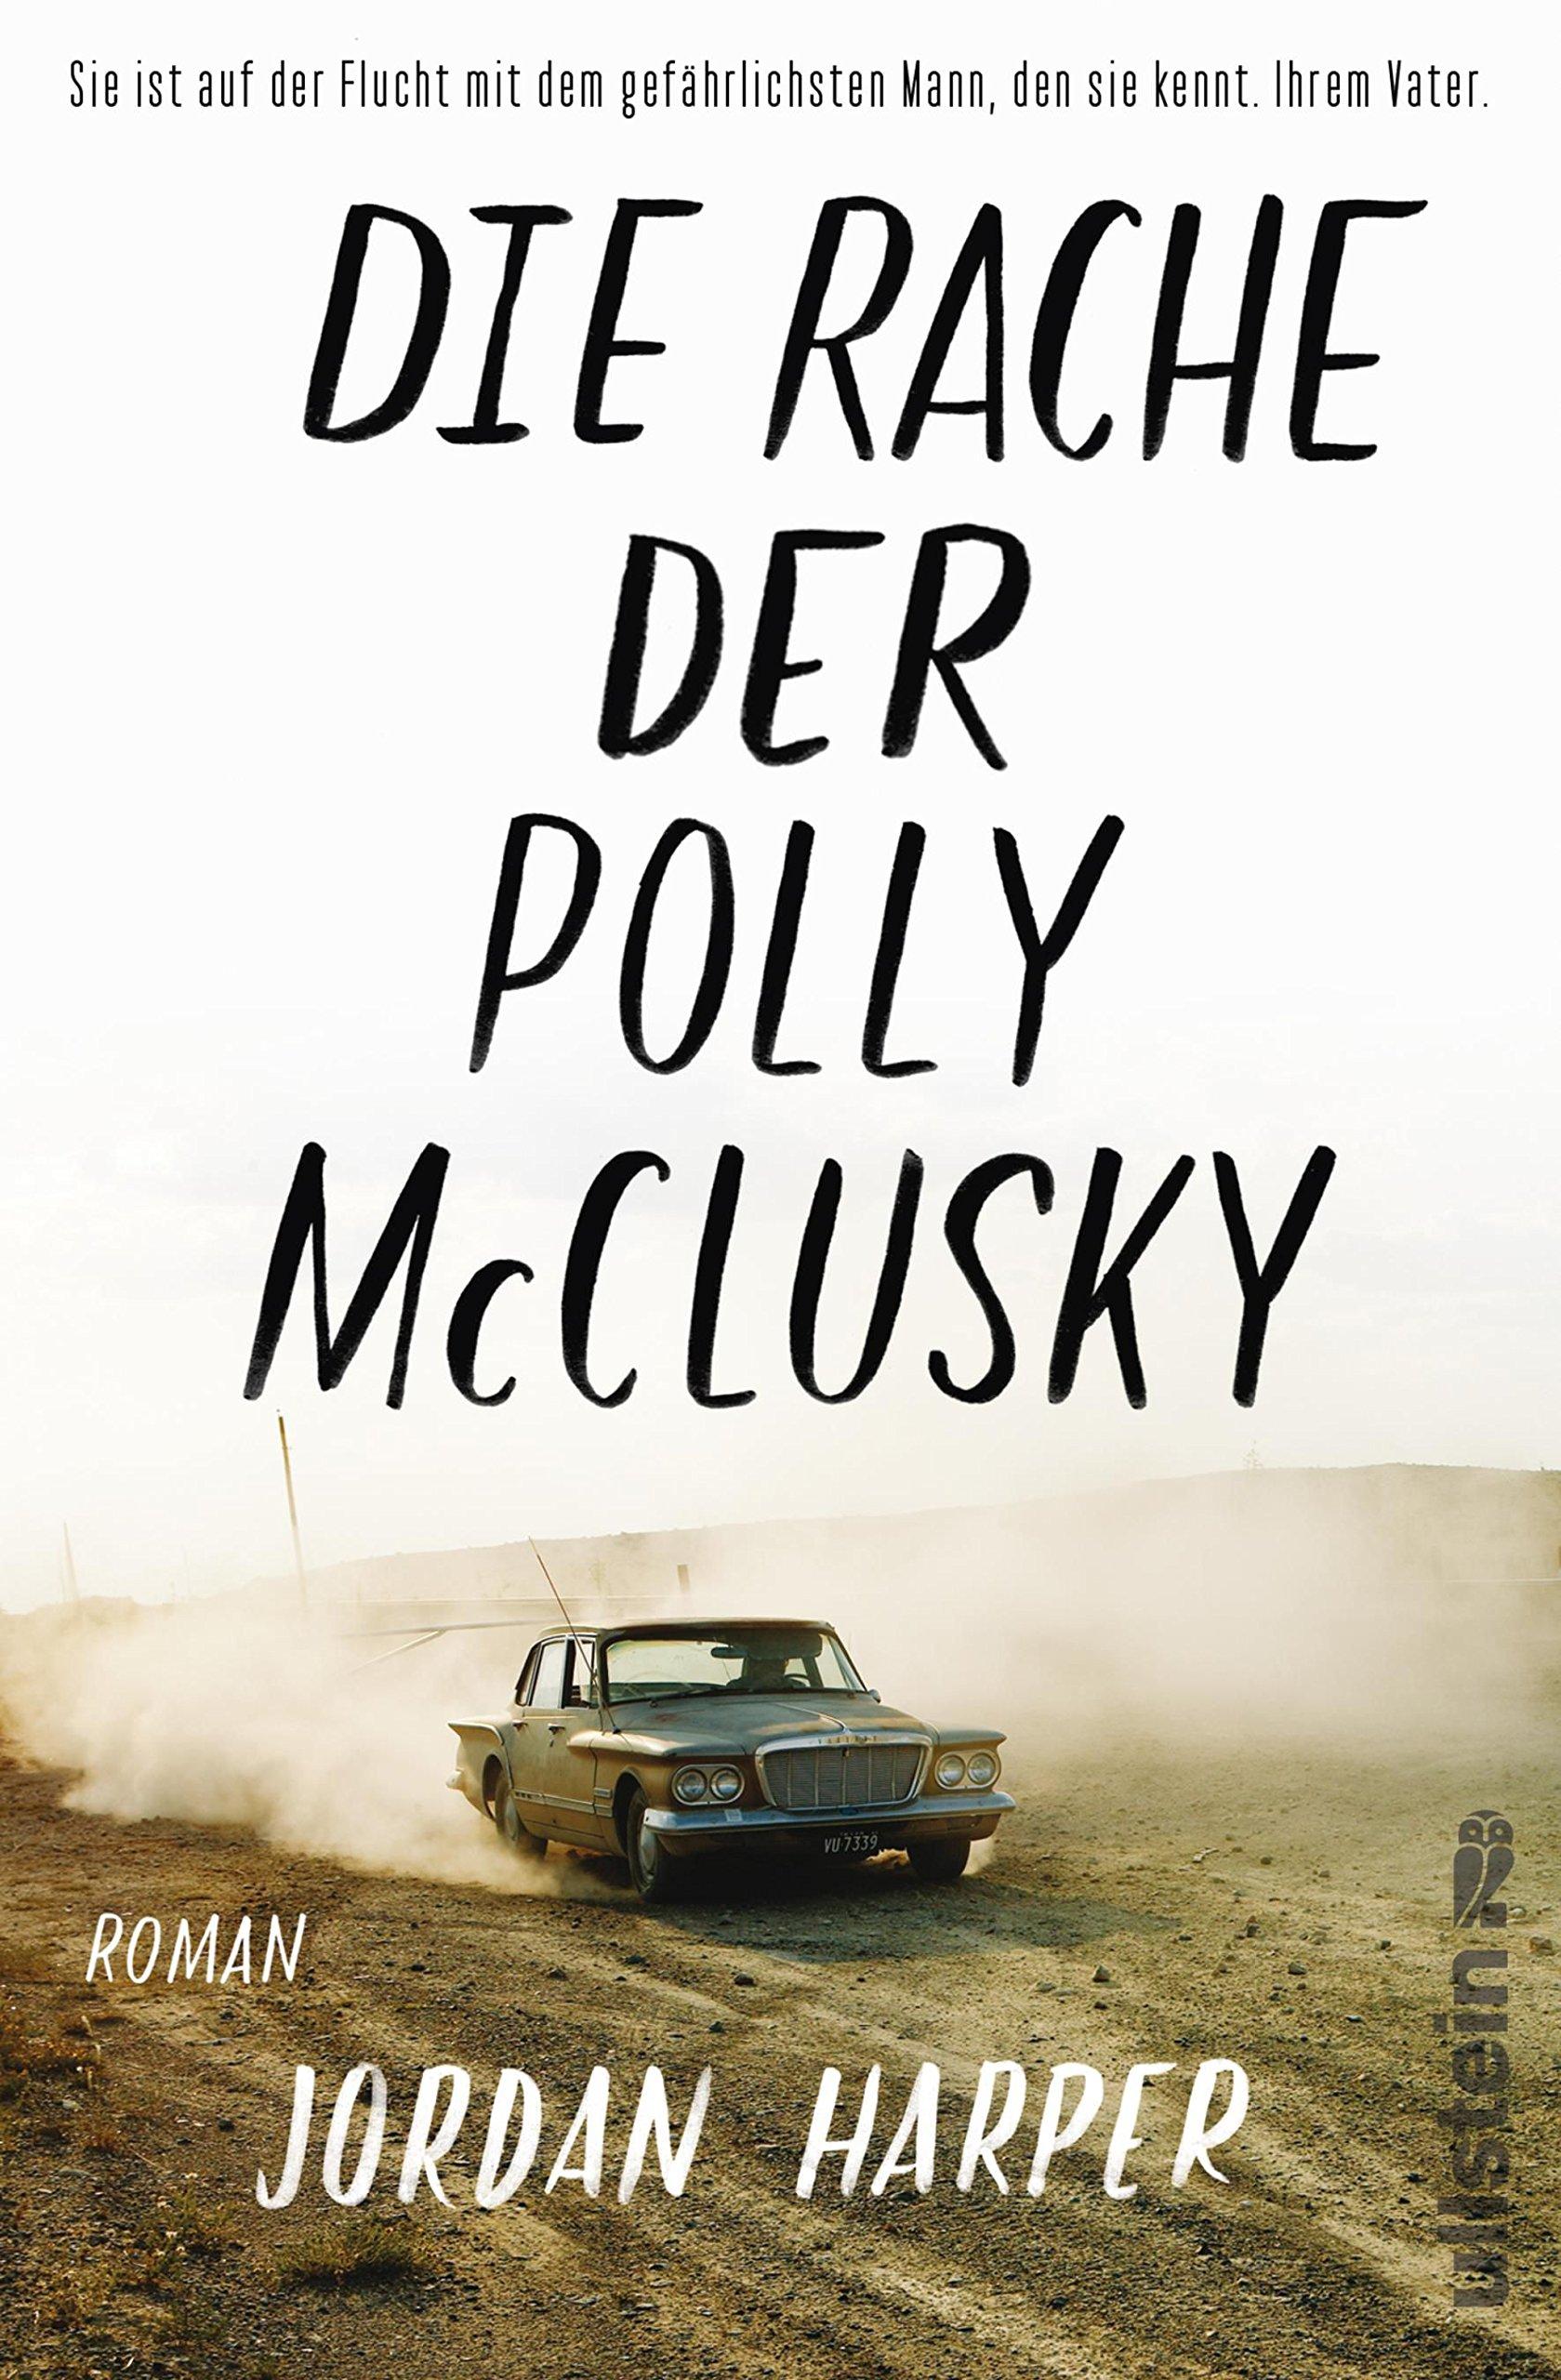 die-rache-der-polly-mcclusky-roman